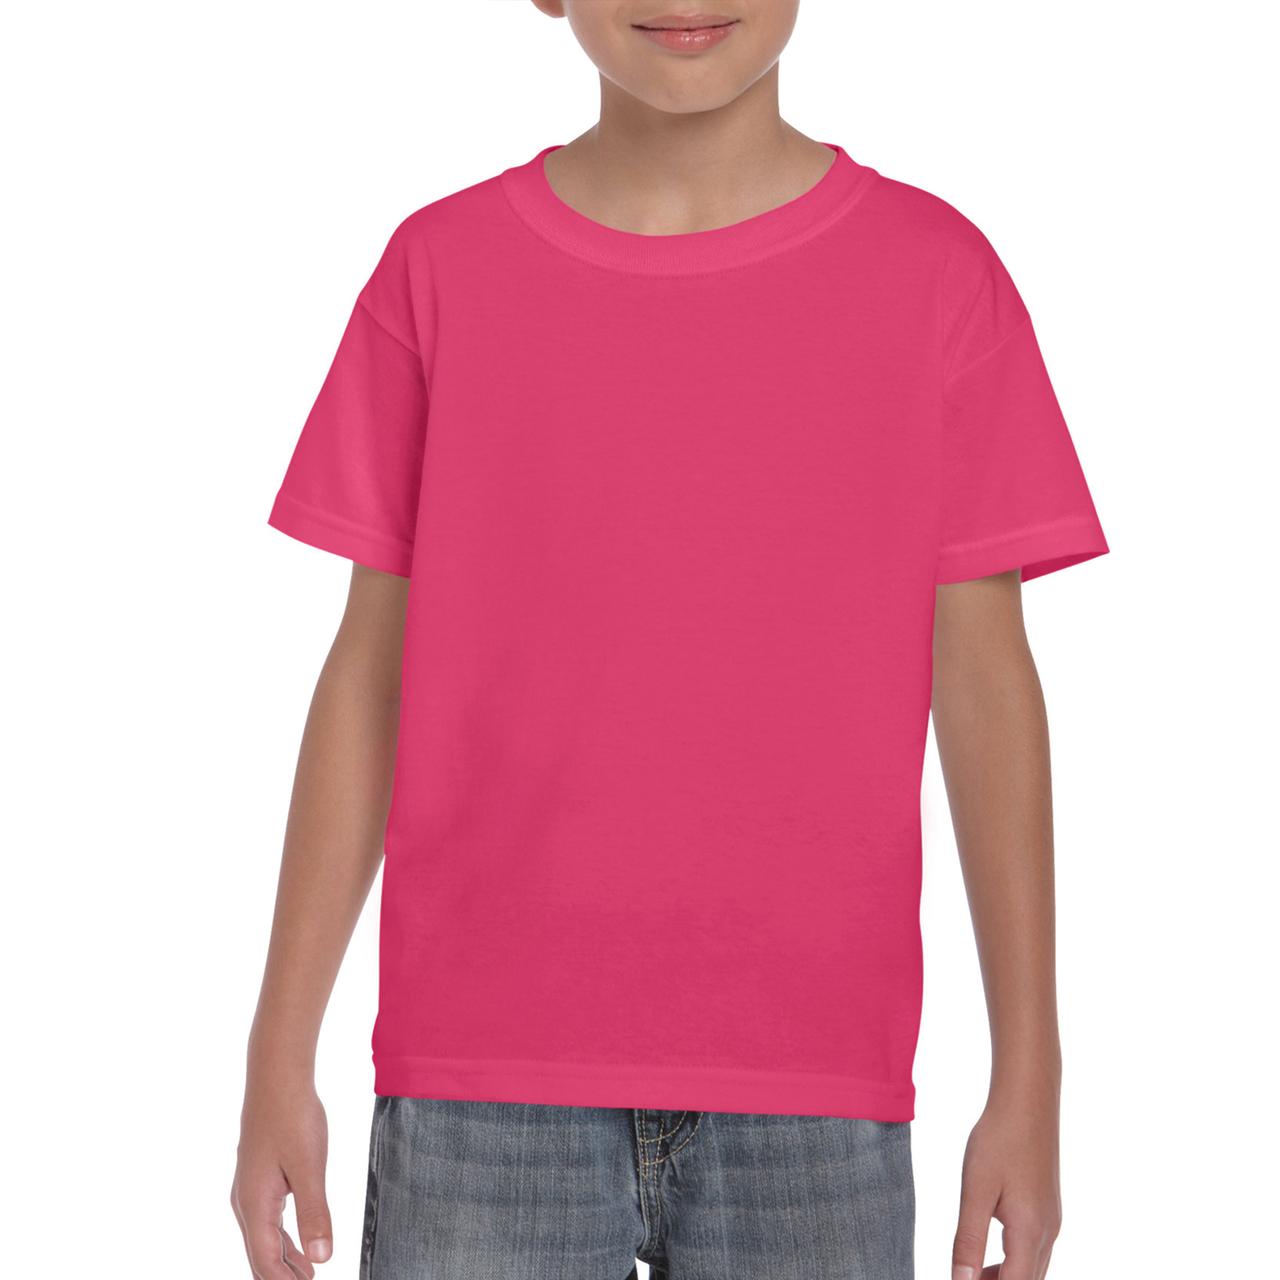 Youth Unisex T-Shirt Image Bearer